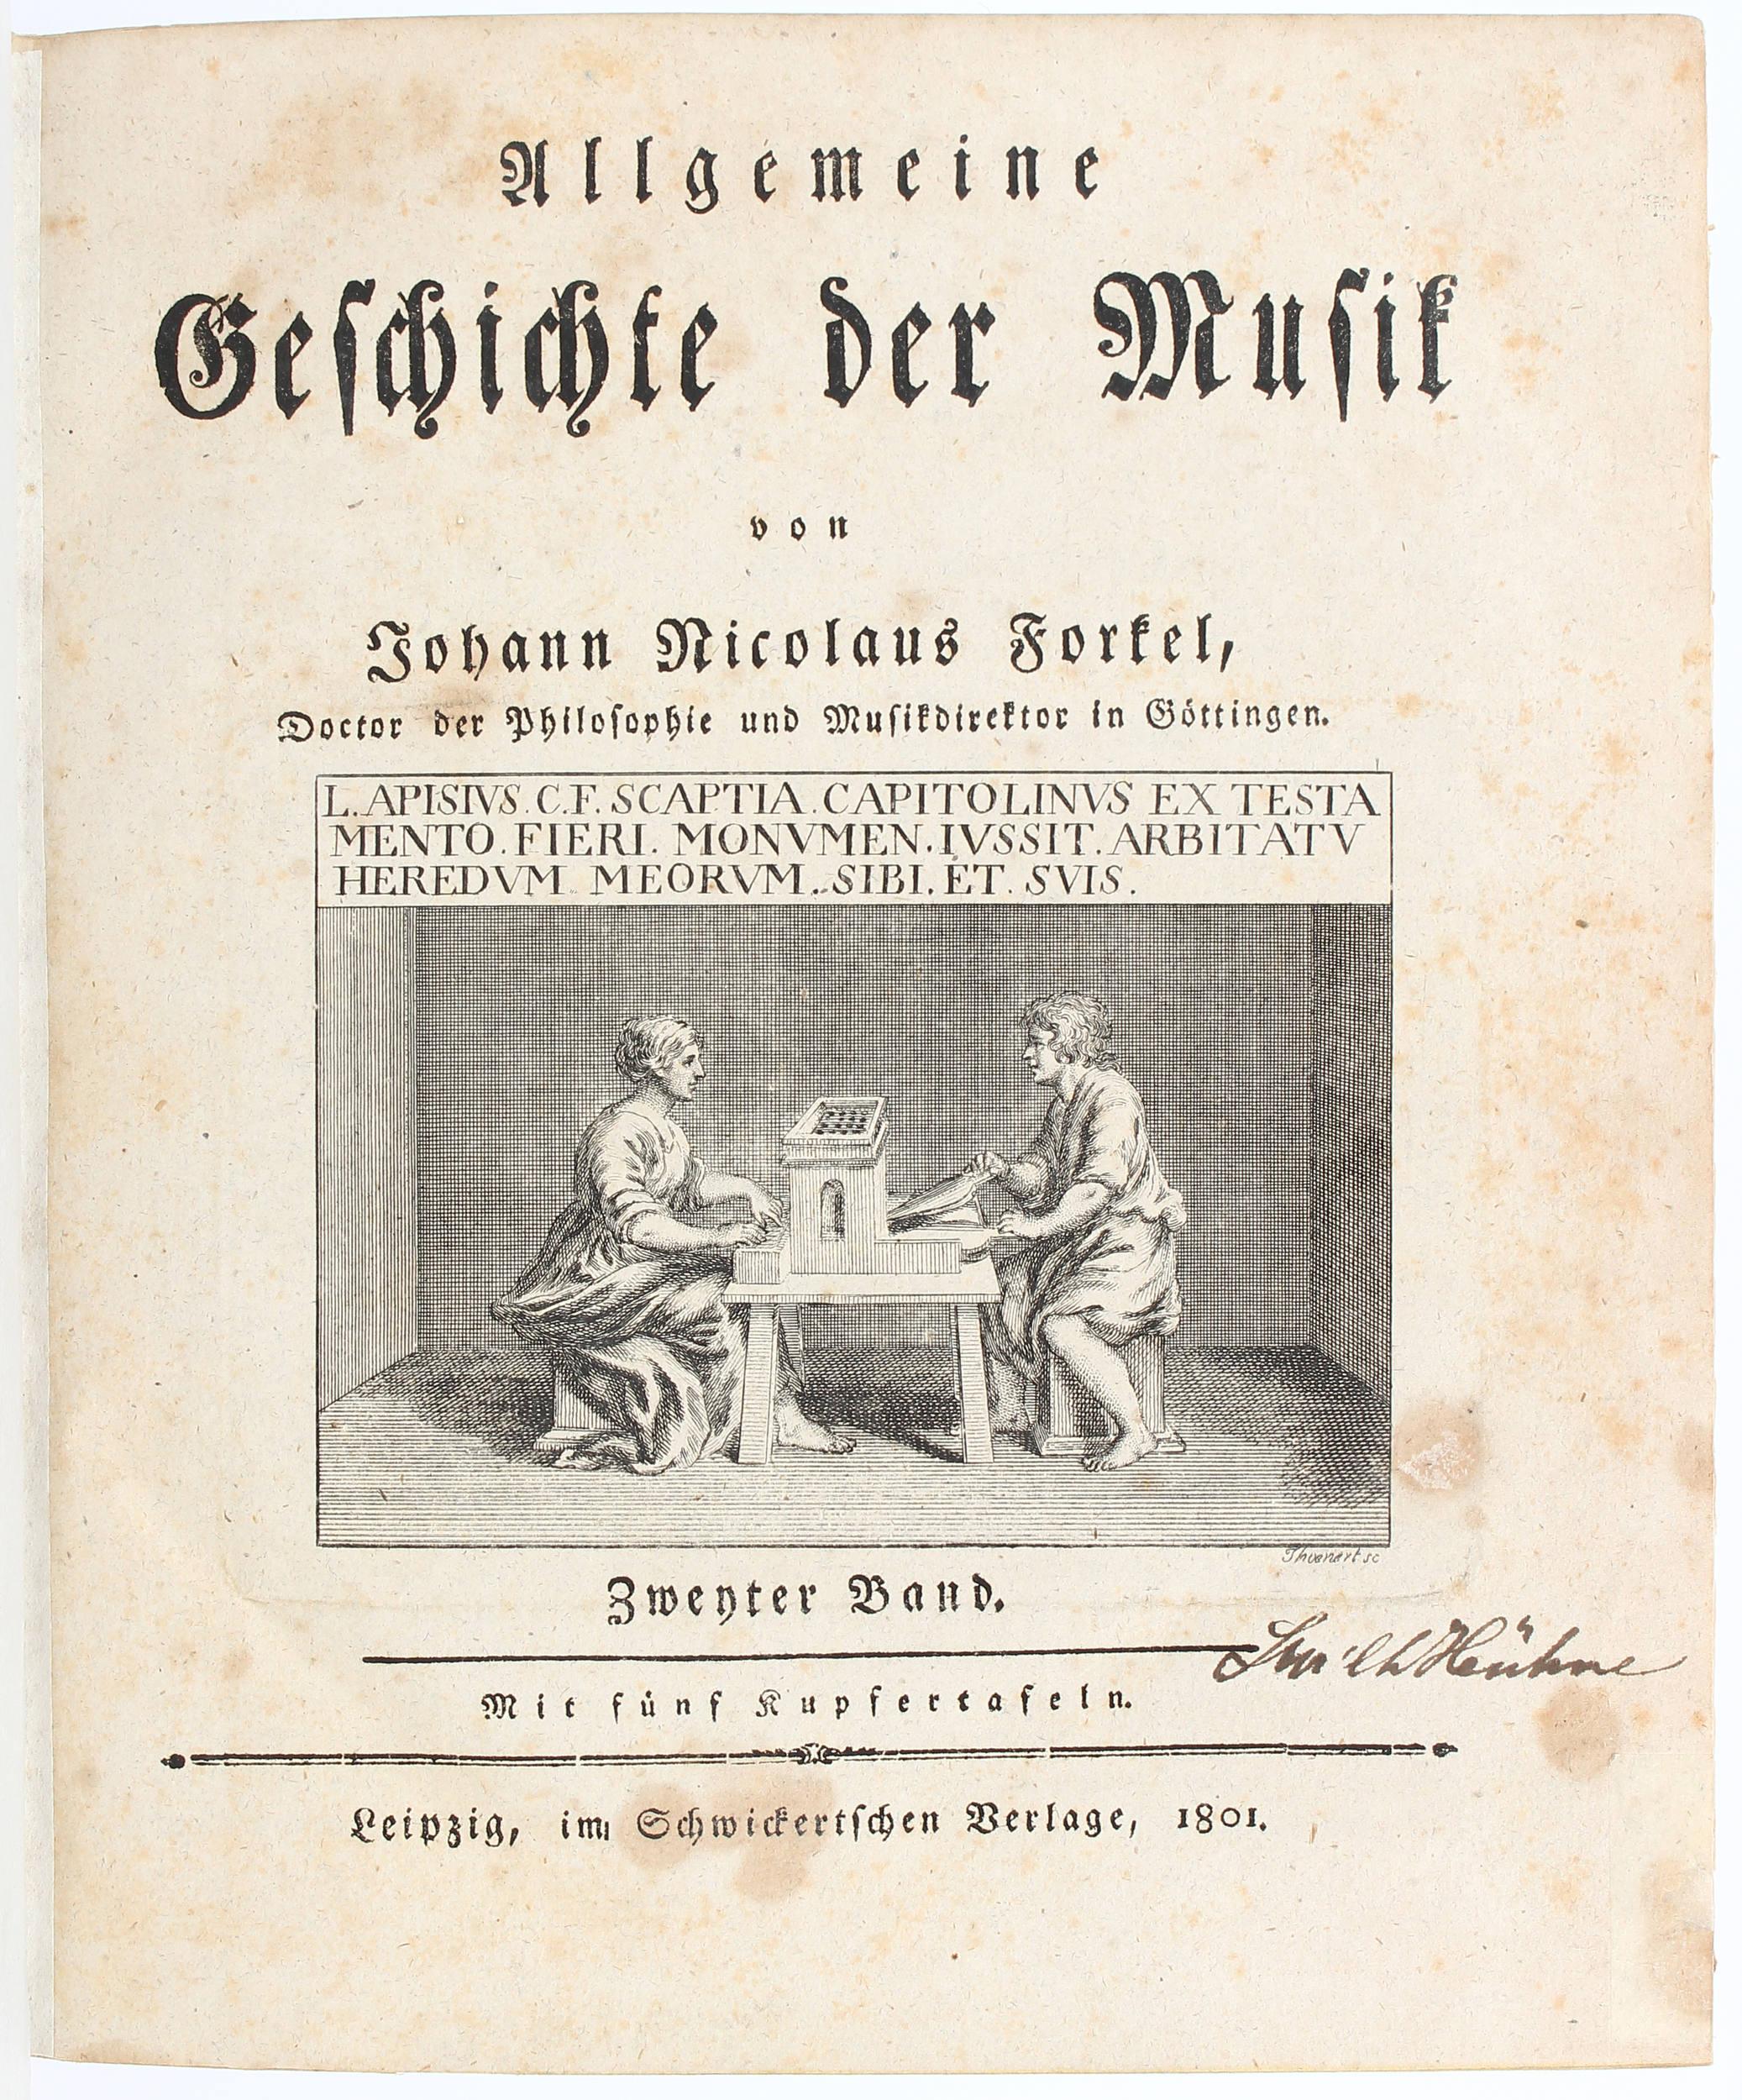 Forkel, Geschichte der Musik. 2 Bde.